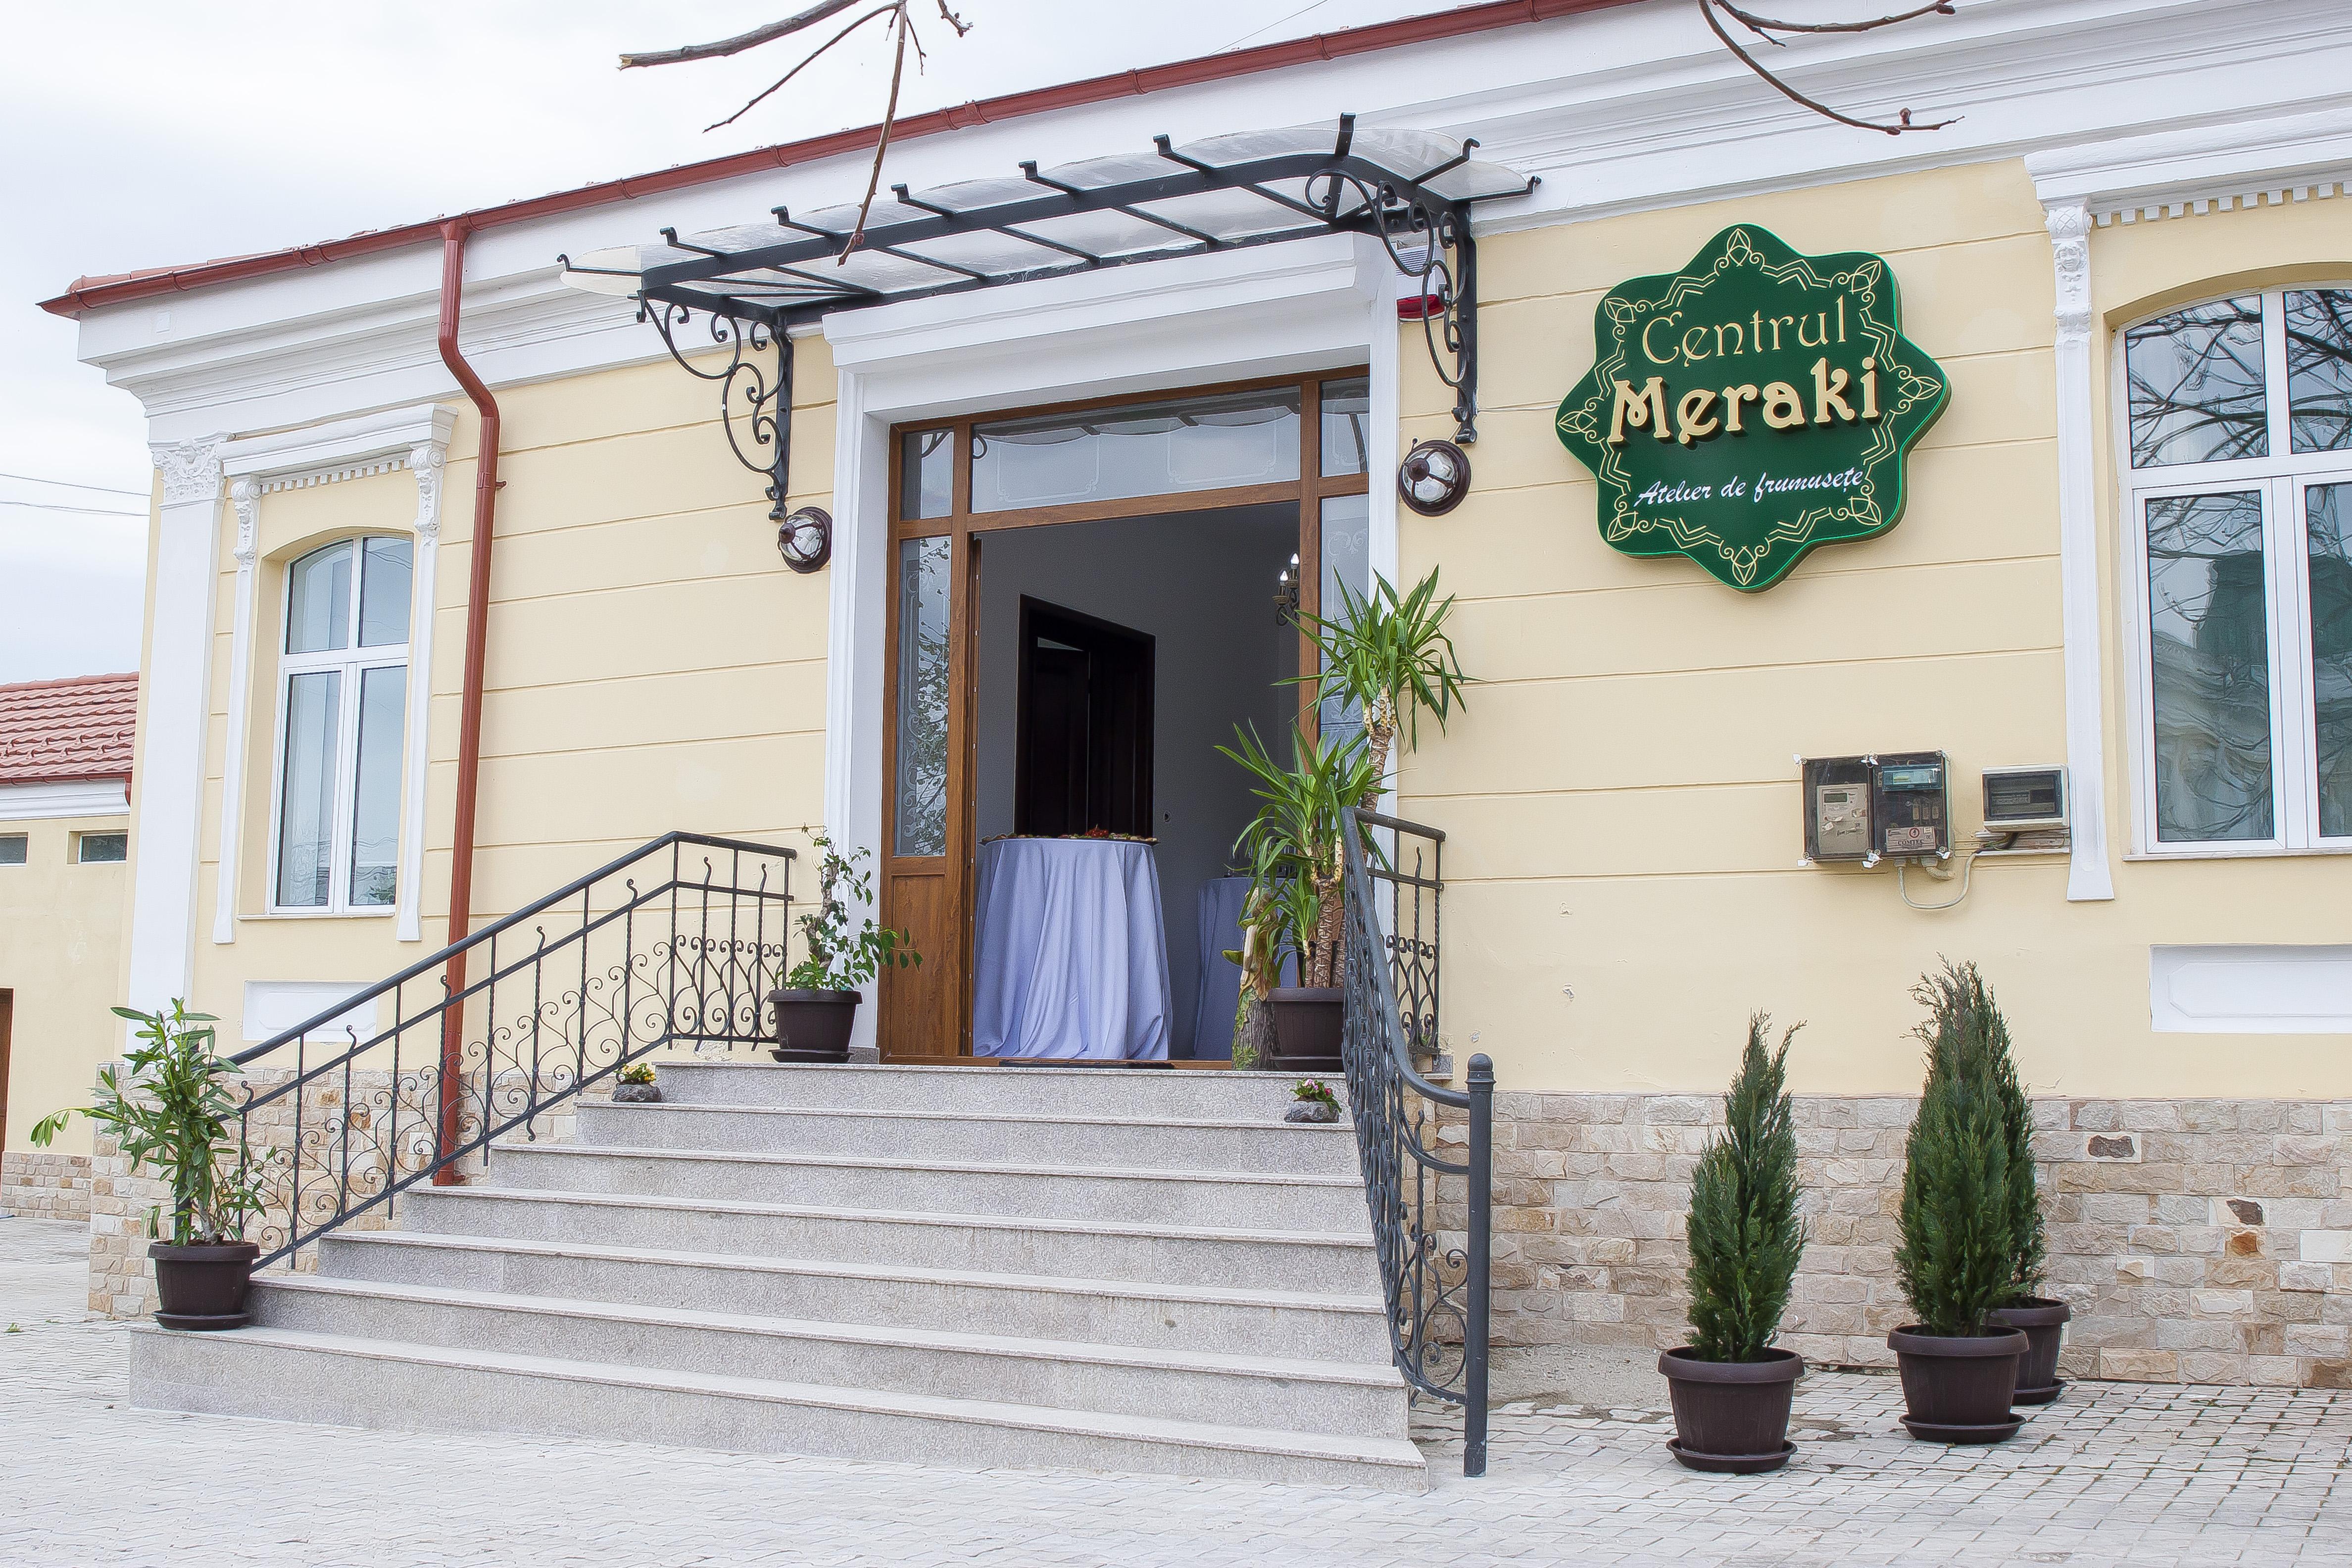 Centrul Meraki